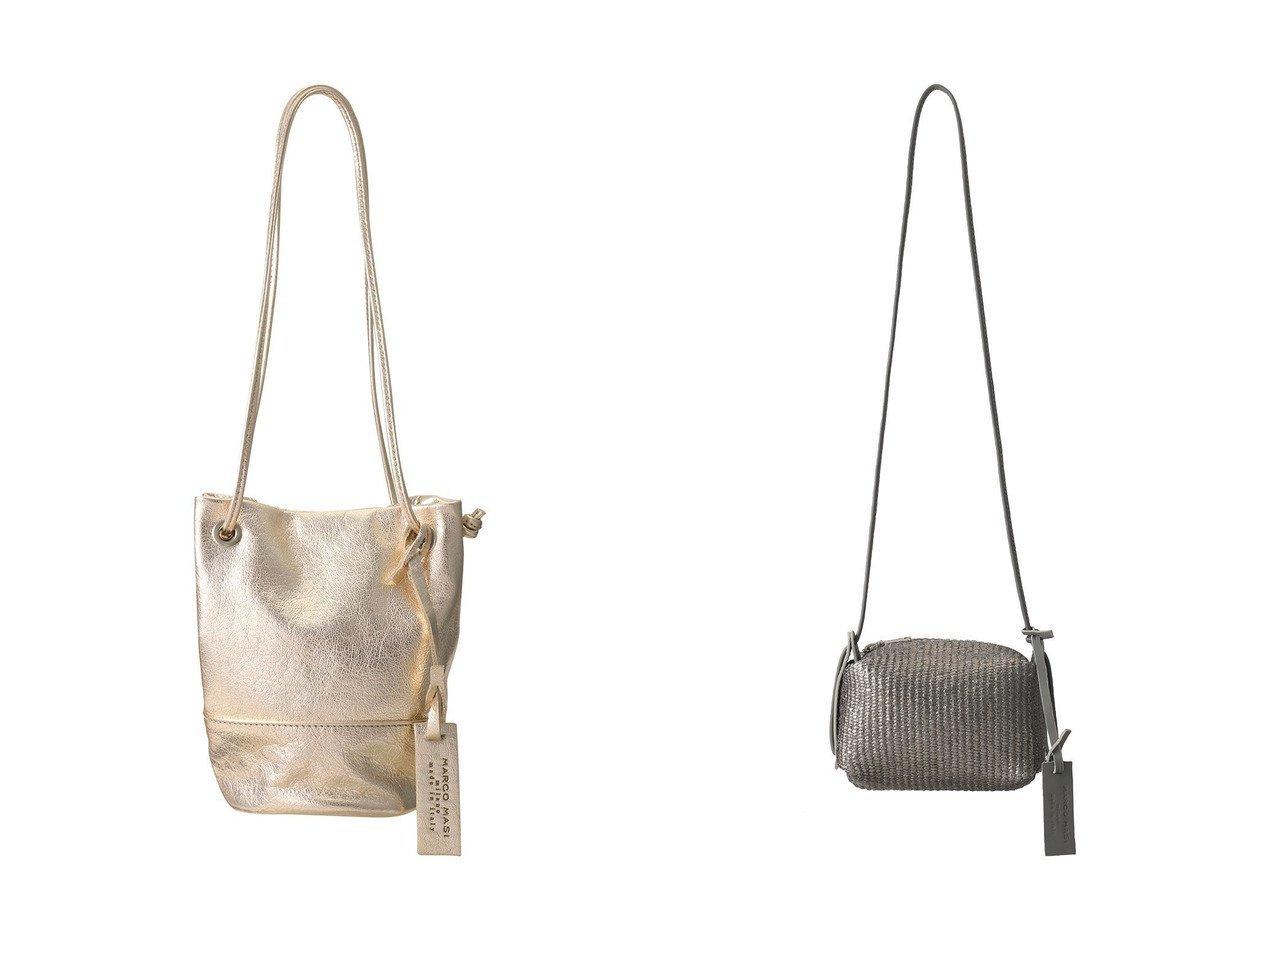 【heliopole/エリオポール】の【MARCO MASI】ミニドロストバッグ&【MARCO MASI】メタリックショルダーバッグ 【バッグ・鞄】おすすめ!人気、トレンド・レディースファッションの通販  おすすめで人気の流行・トレンド、ファッションの通販商品 インテリア・家具・メンズファッション・キッズファッション・レディースファッション・服の通販 founy(ファニー) https://founy.com/ ファッション Fashion レディースファッション WOMEN バッグ Bag イタリア オケージョン クール コンパクト ショルダー シルバー ハンドバッグ ミラノ リュクス トレンド フォルム メタリック  ID:crp329100000062314